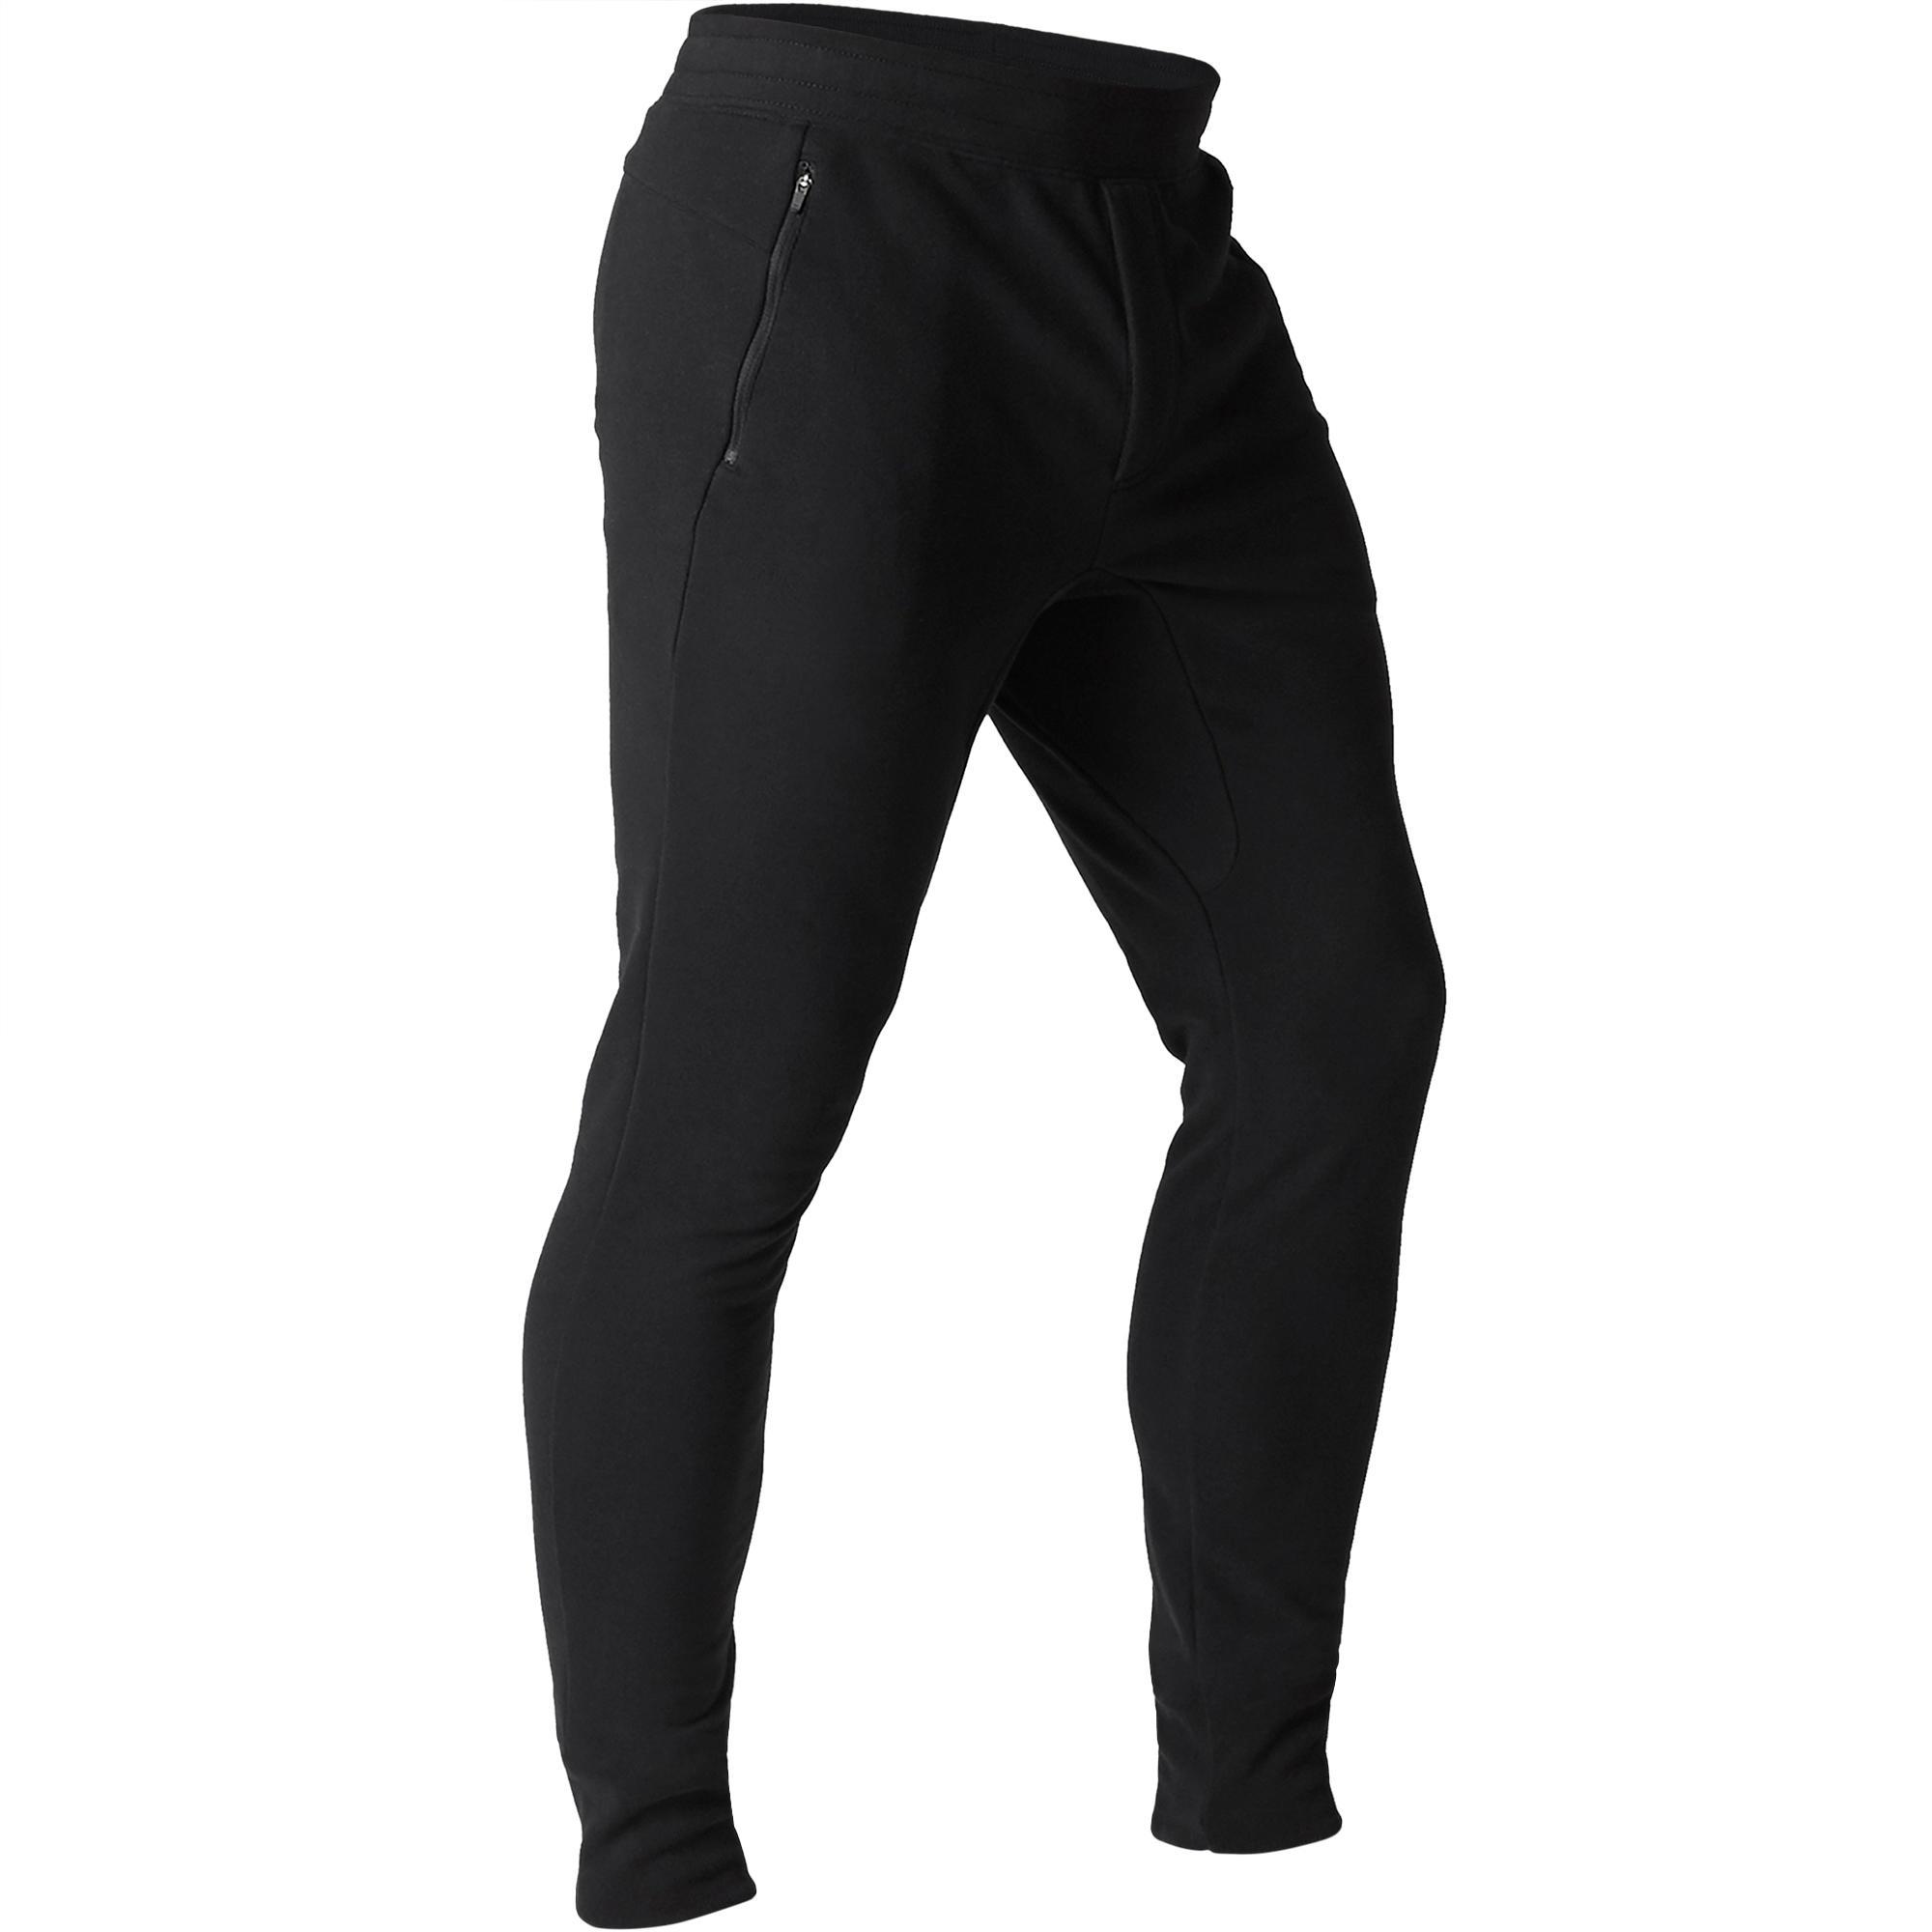 Pantalón 500 skinny cremallera Pilates y Gimnasia suave negro hombre